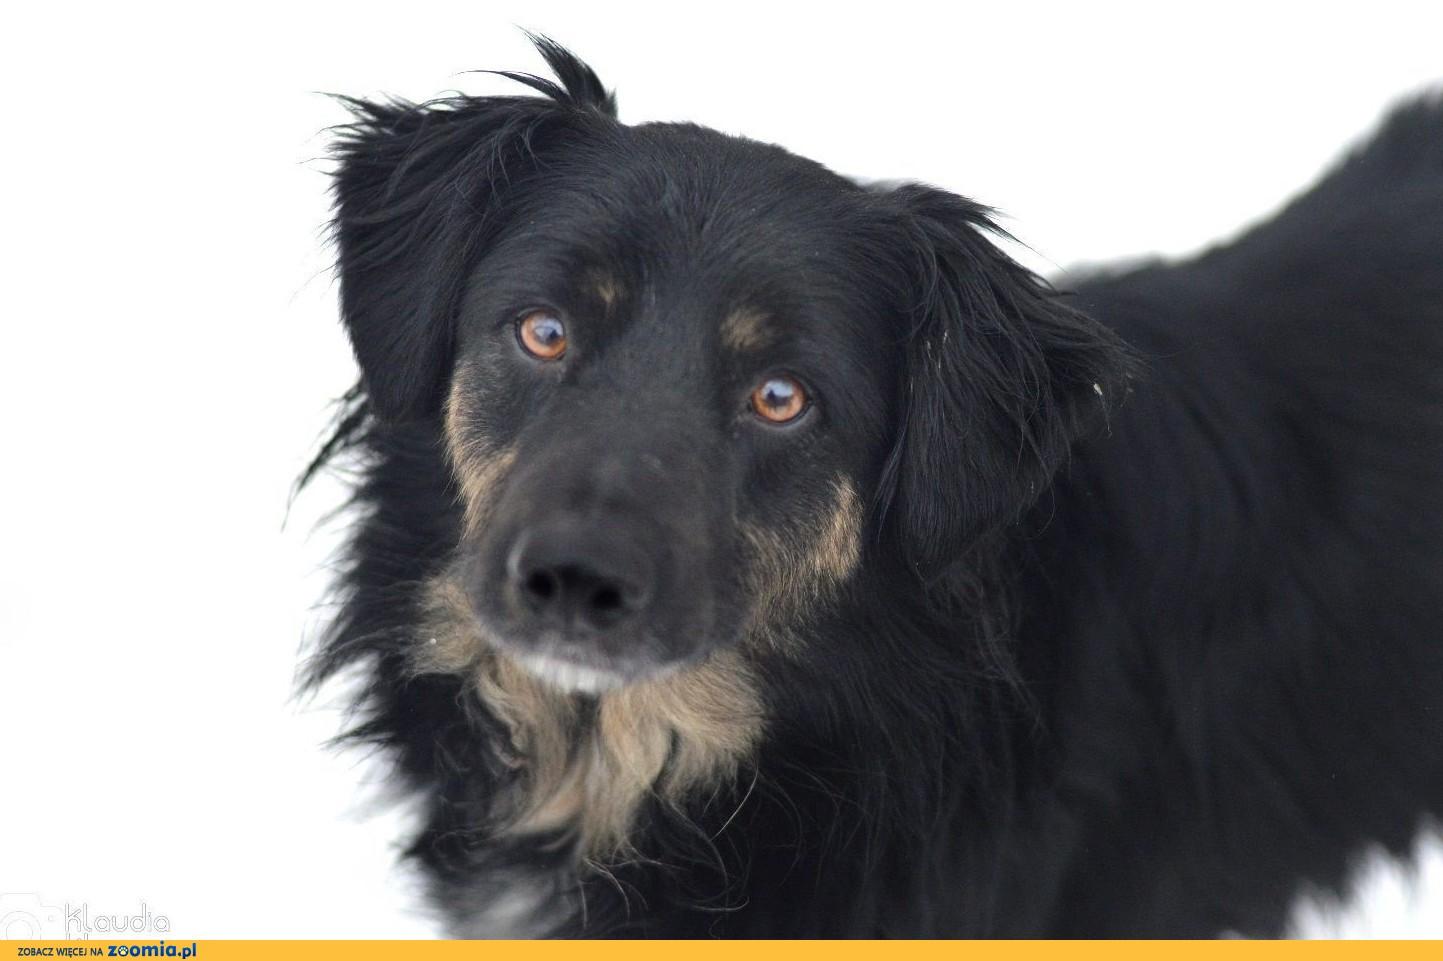 Zygi, uległy, opanowany i grzeczny psiak szuka domu!